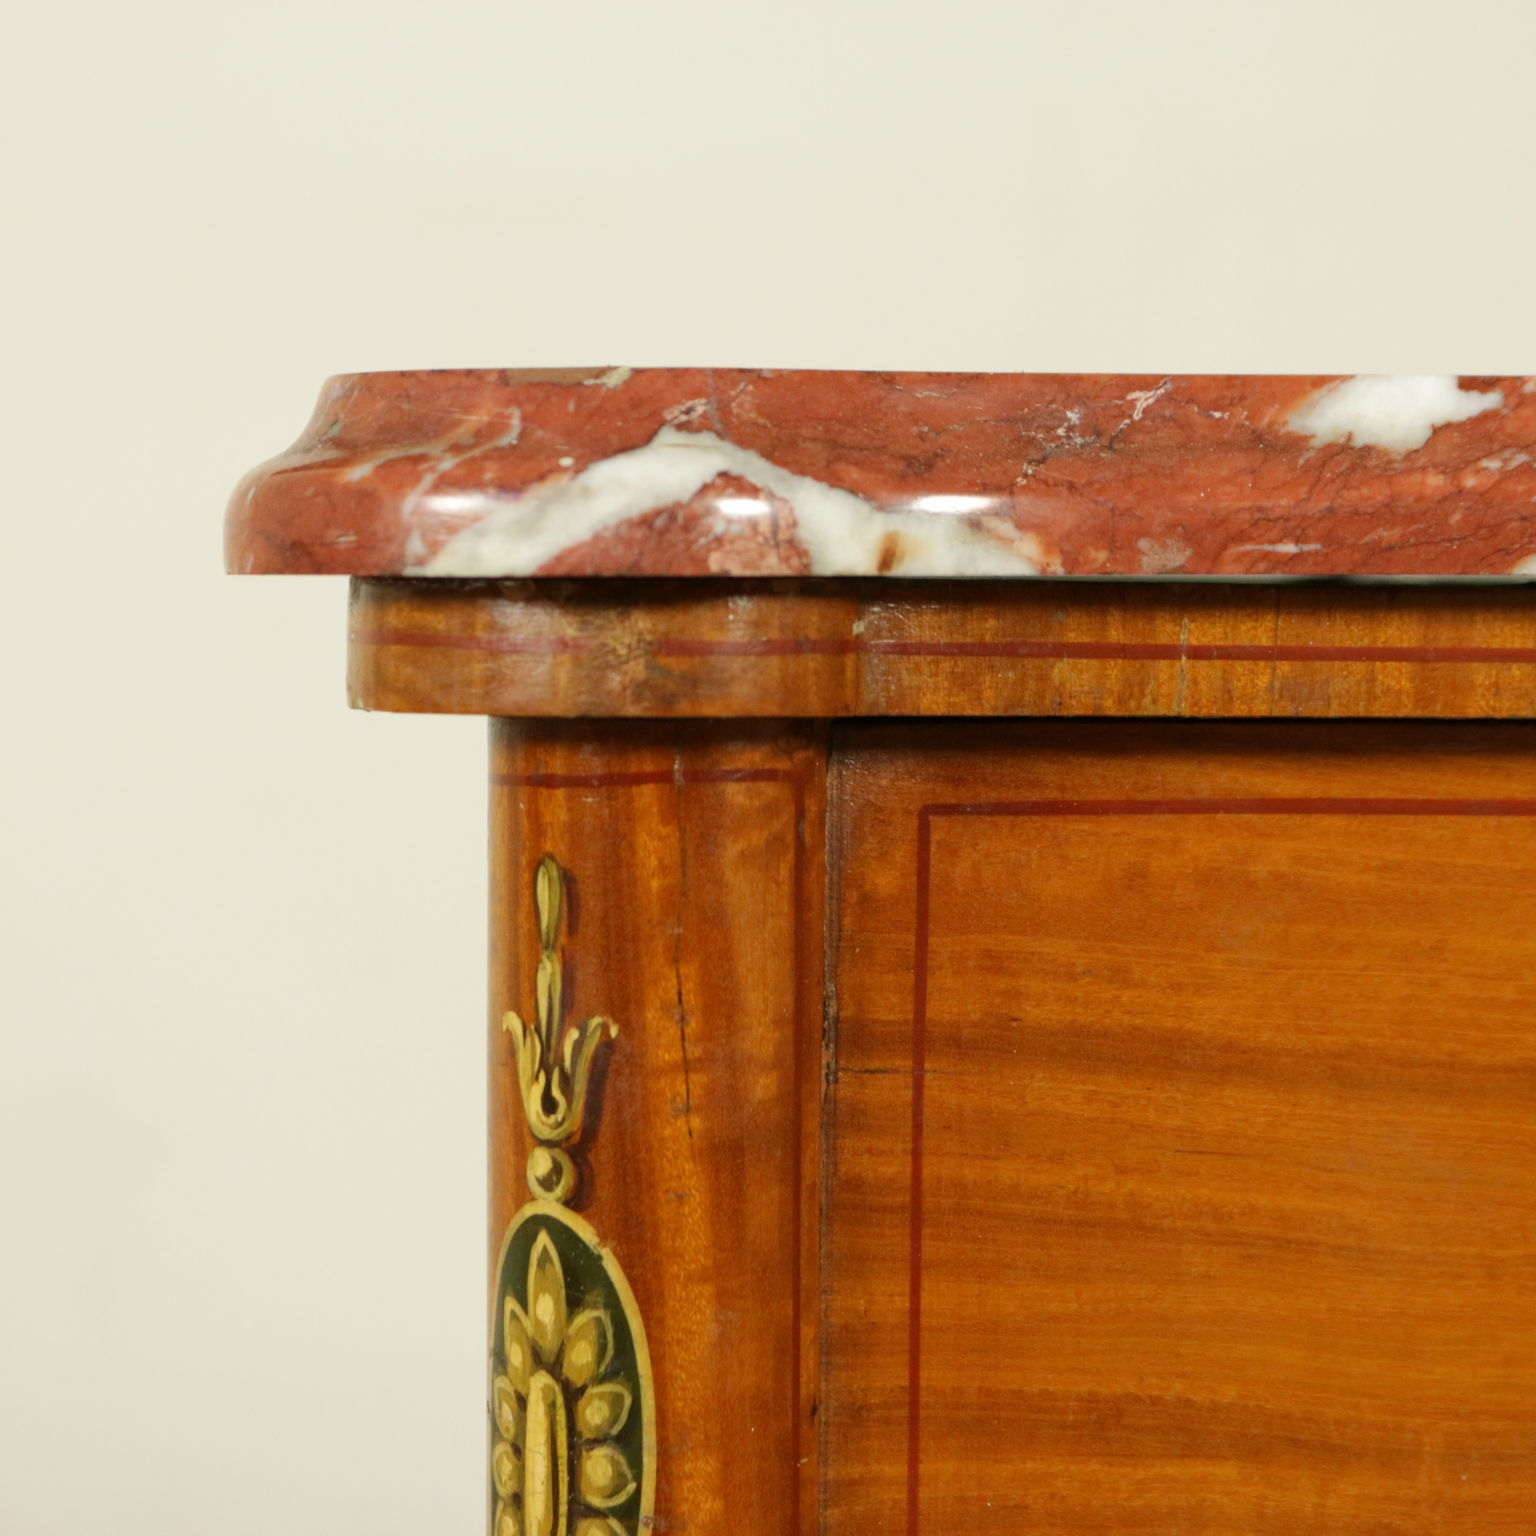 Tische blumenk bel couchtische antiquit ten for Tische couchtische